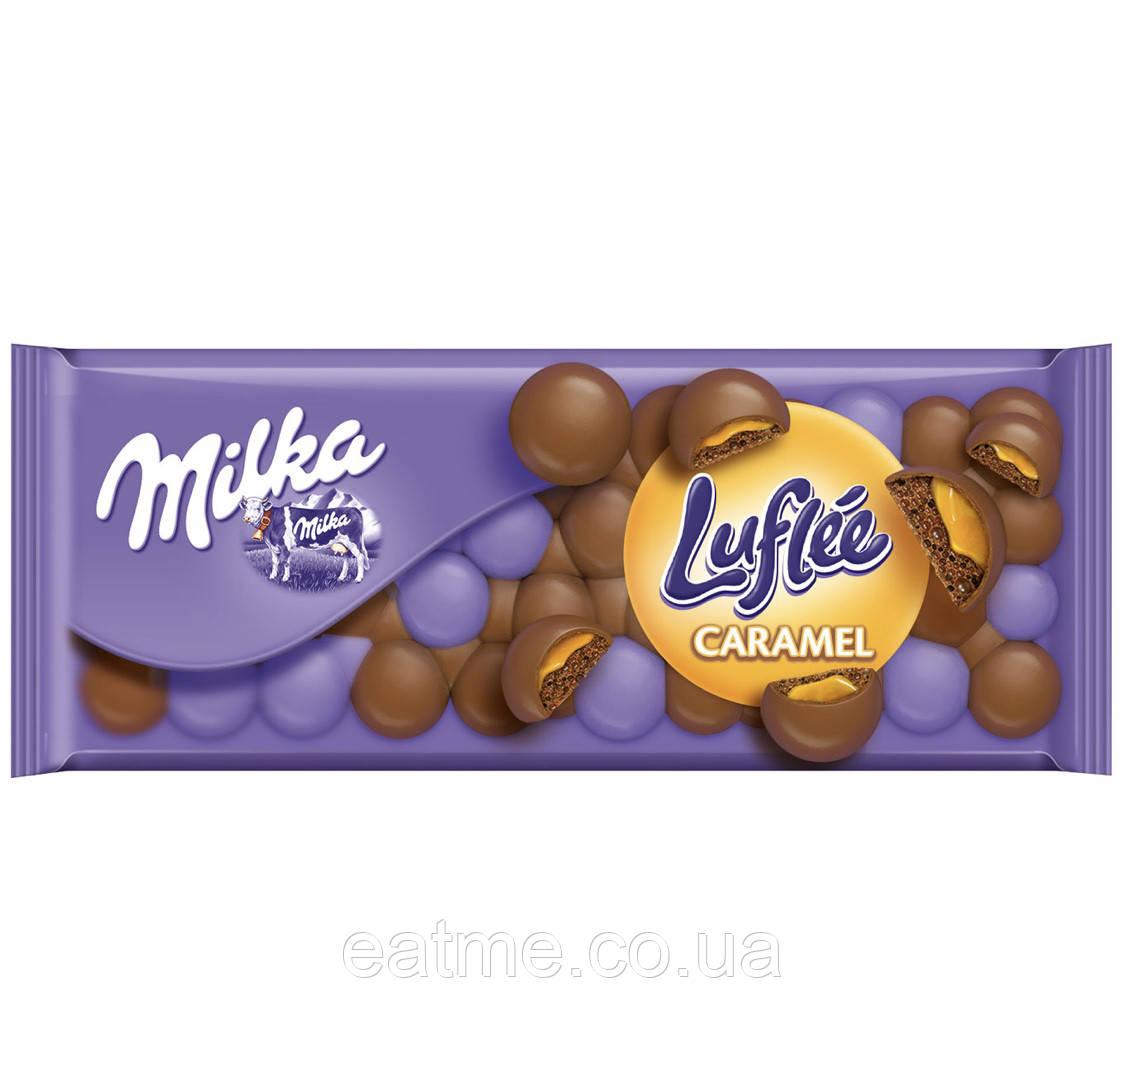 Milka Luflée Caramel Молочный пористый шоколад с карамелью